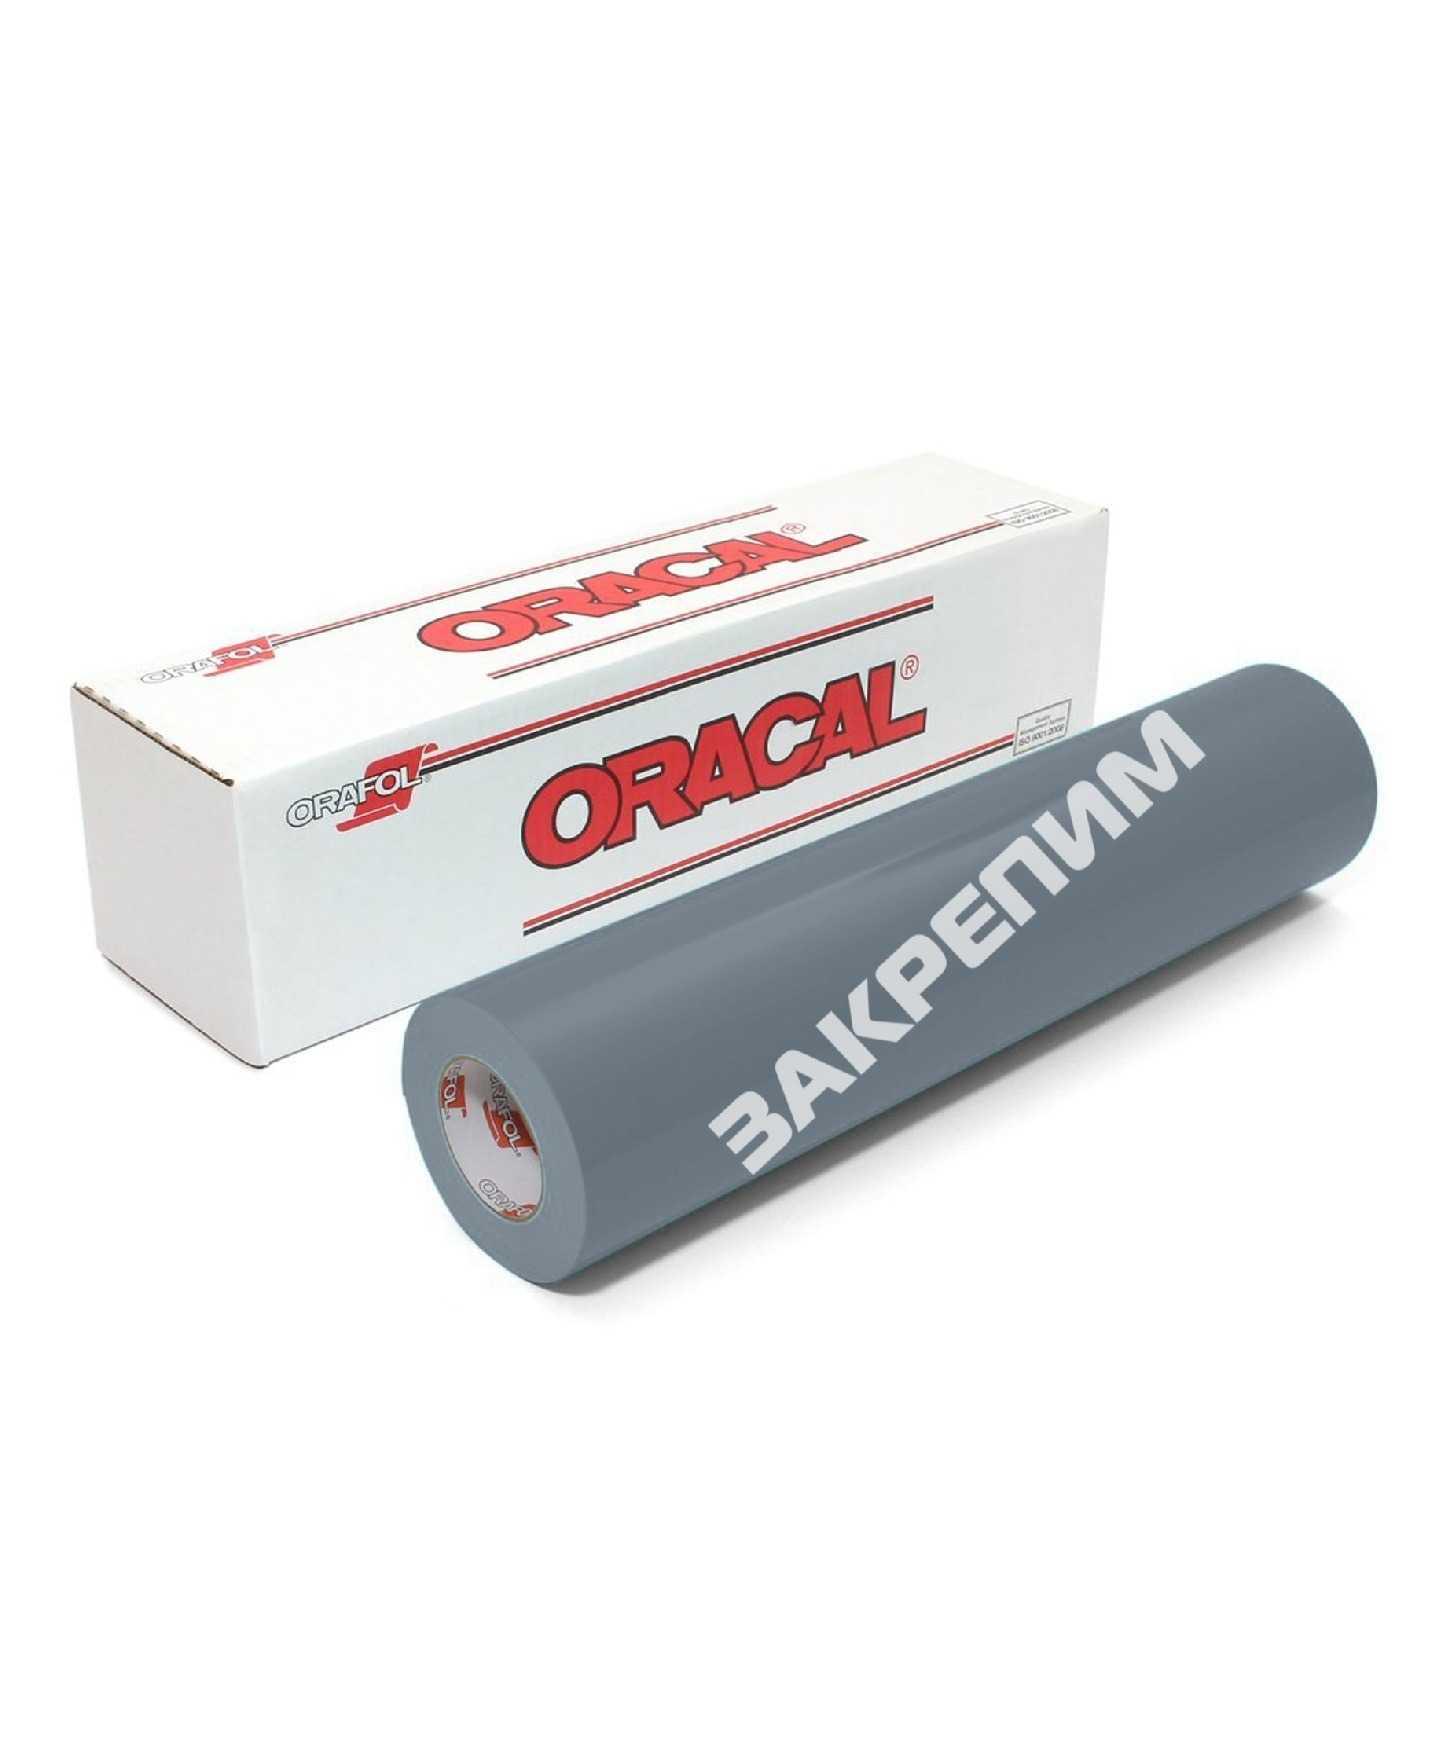 Oracal 8500-f090